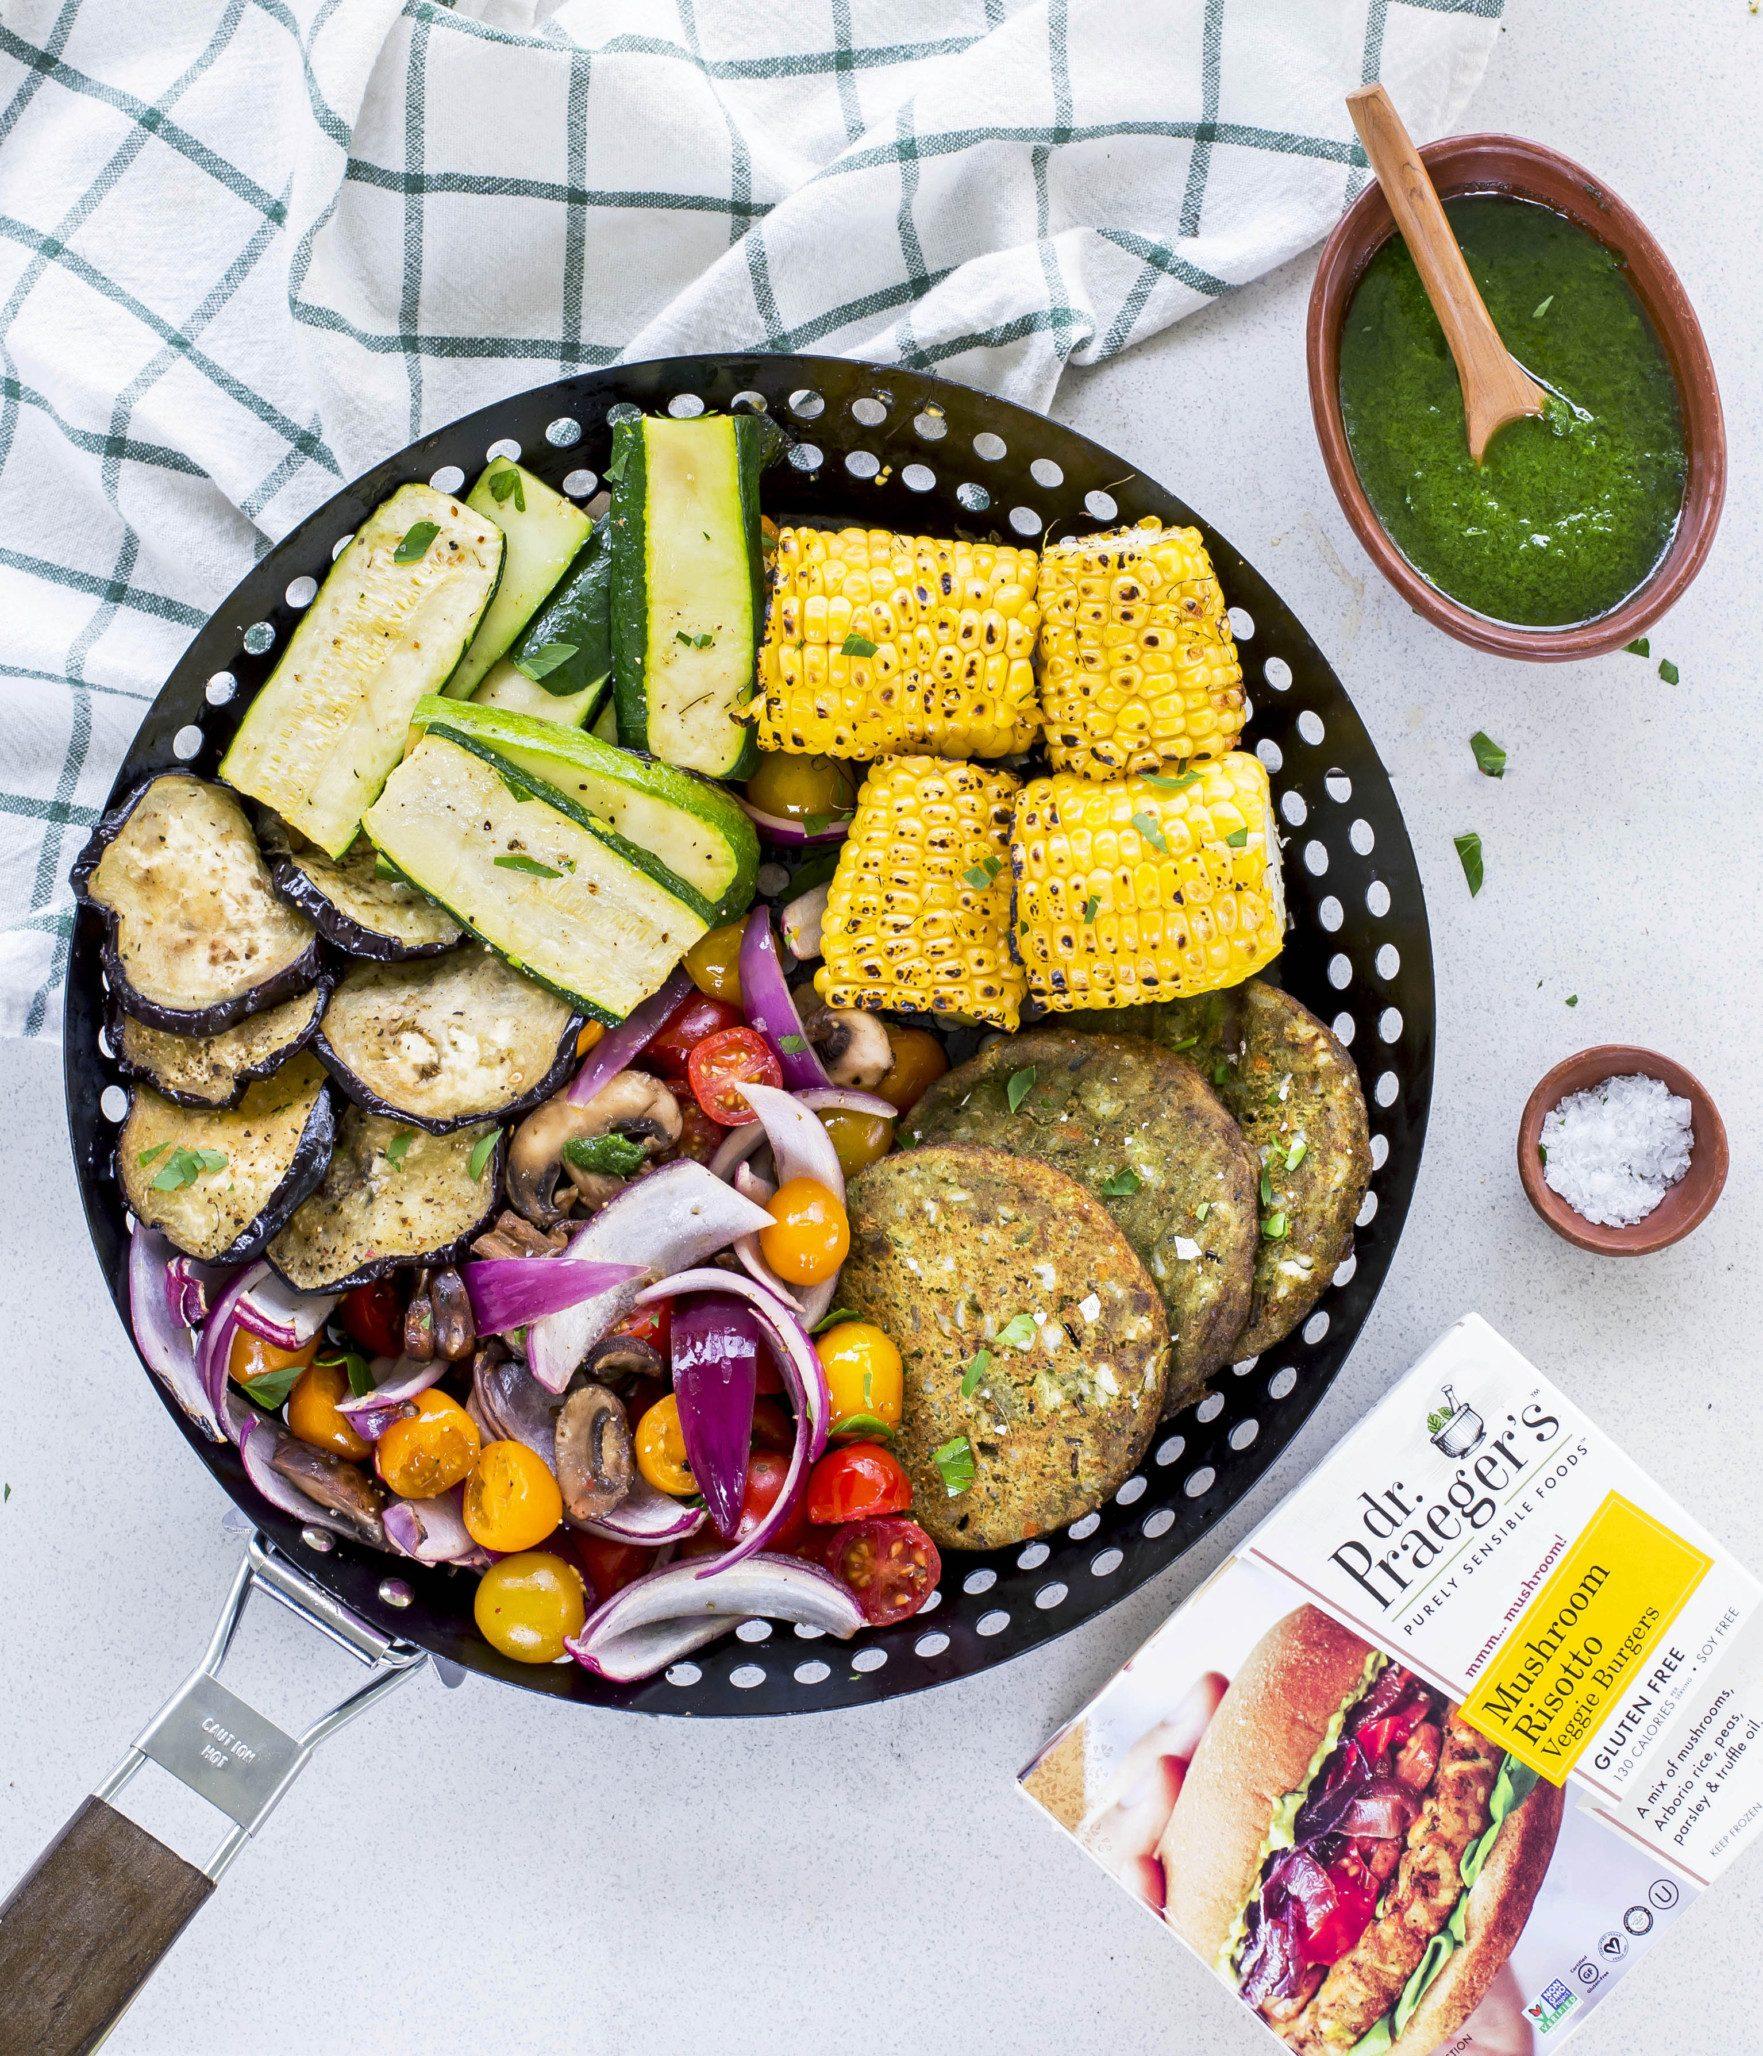 One Grill Basket Veggie Platter With Vegan Pesto Dressing Dr Praeger S Sensible Foods